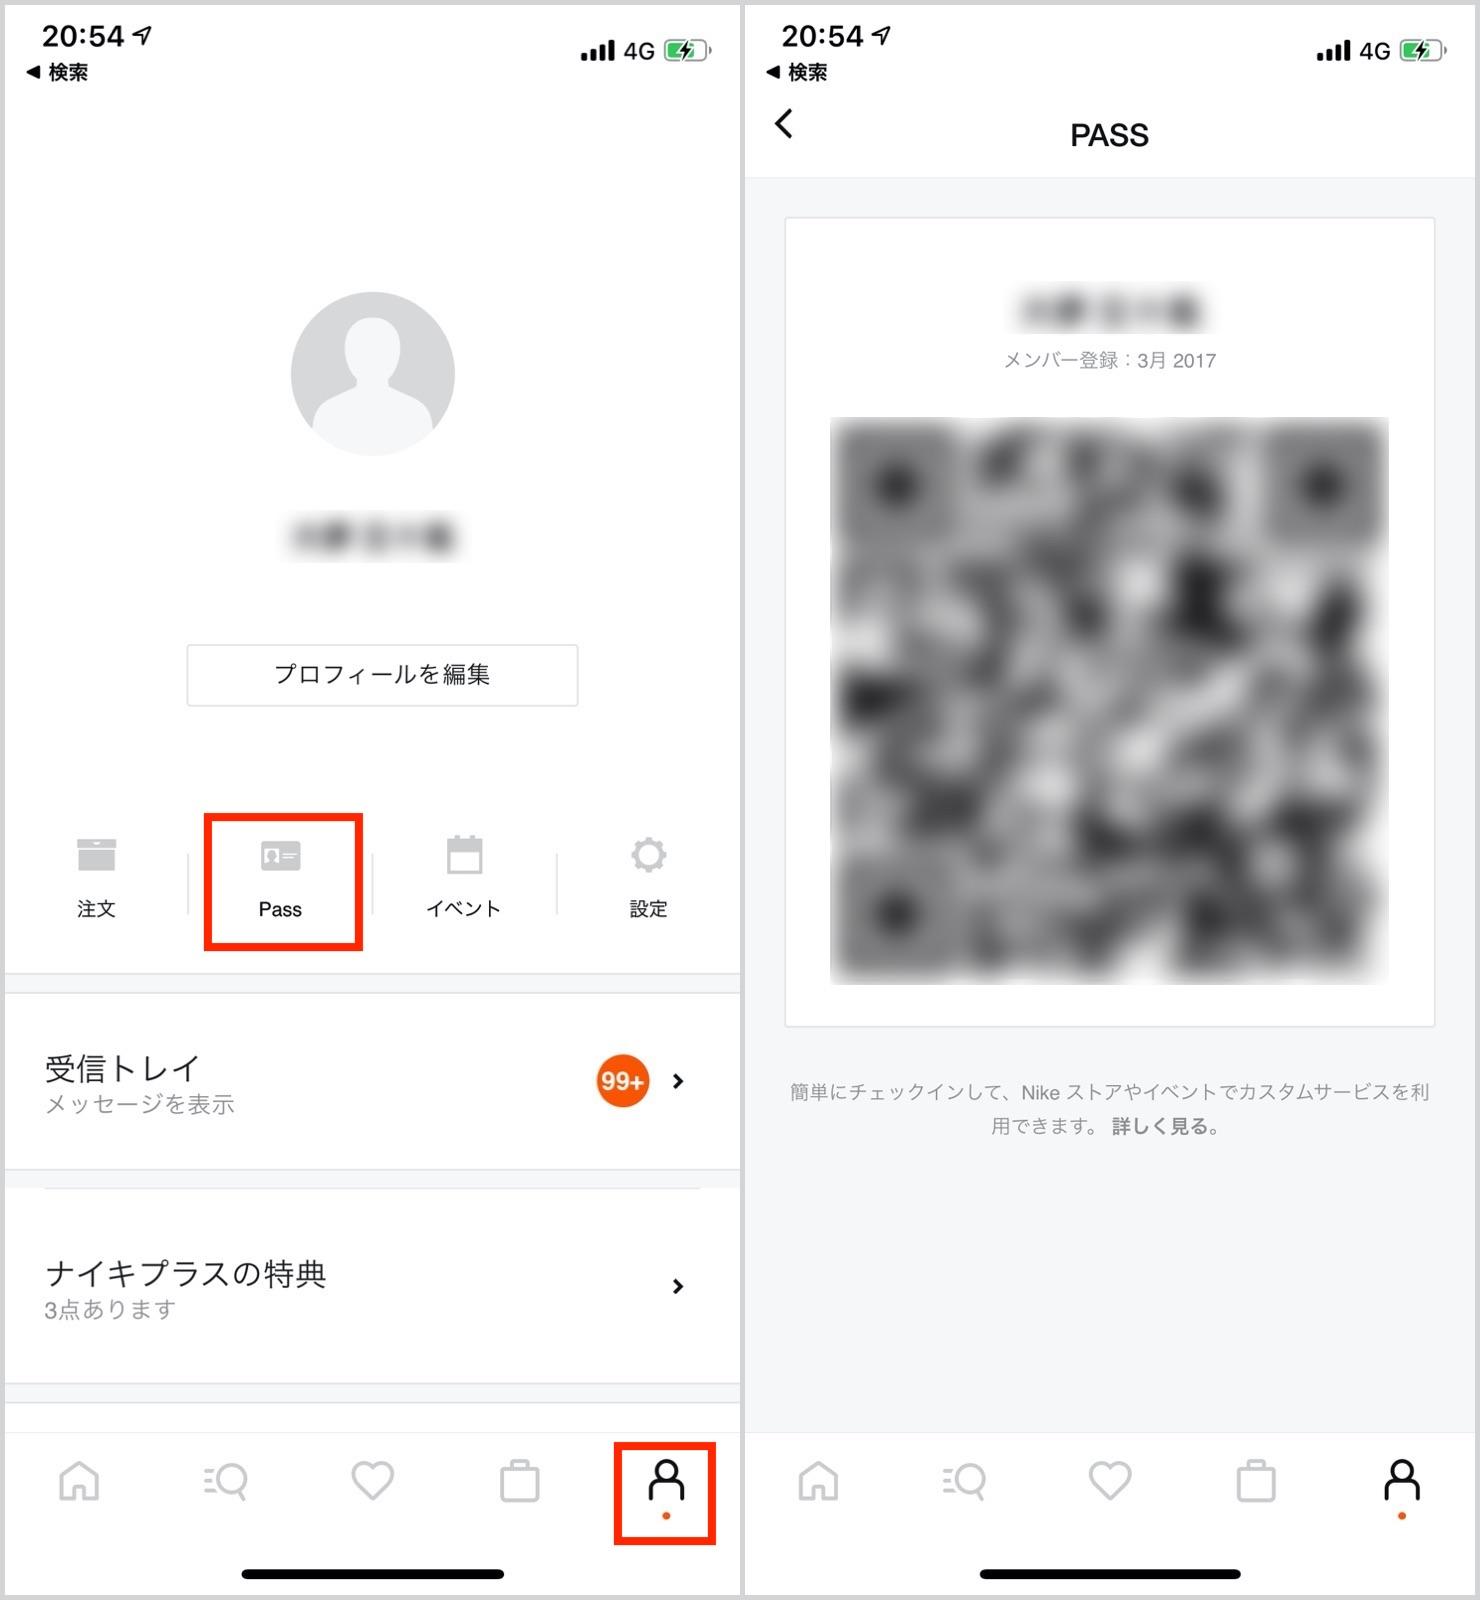 ナイキアプリ Pass